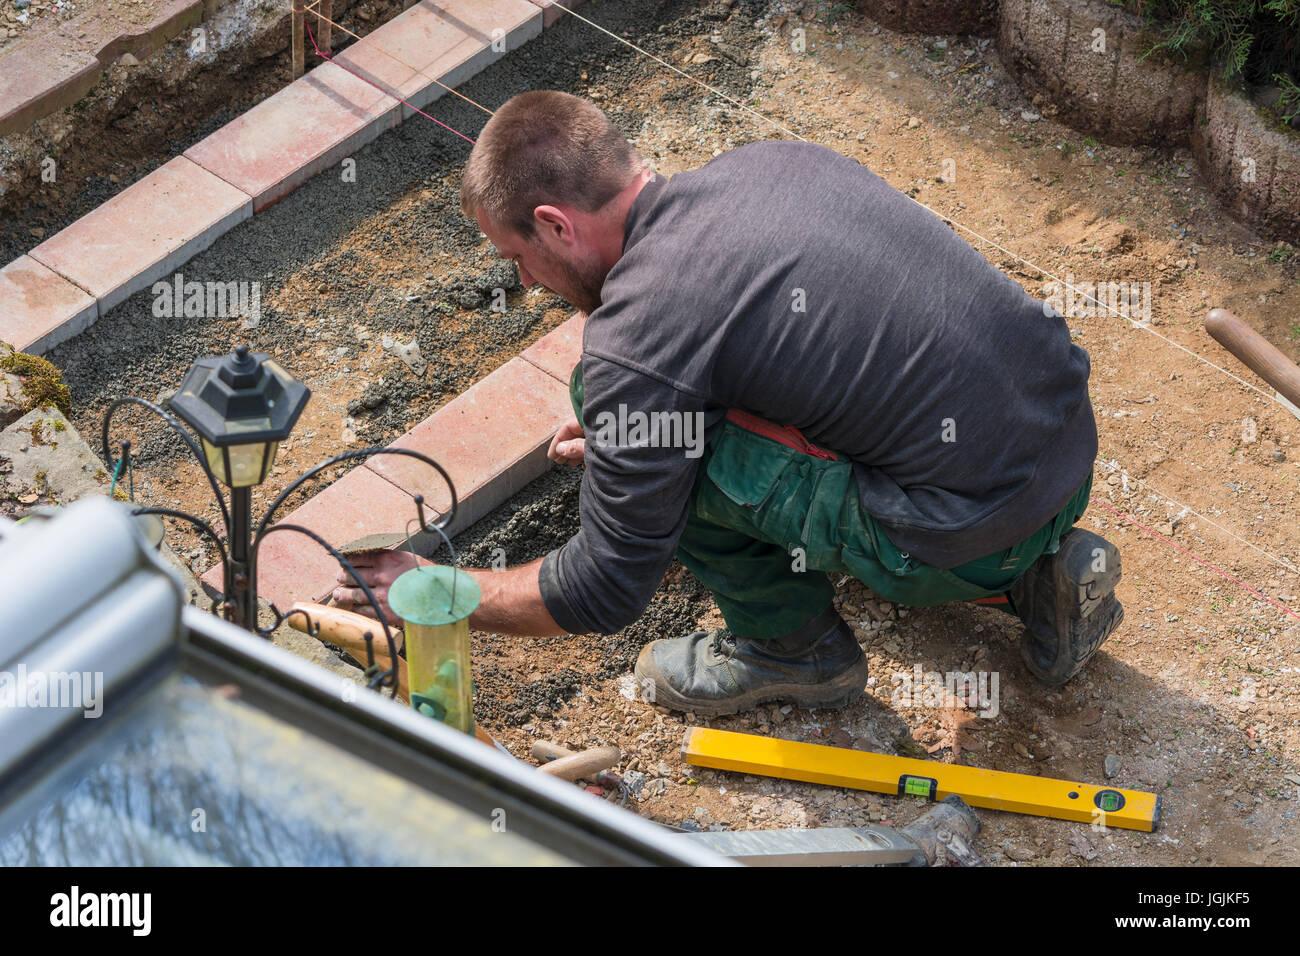 I lavoratori in anticipo per la posa di pavimentazioni pietre e mattoni. Vari strumenti in background. Immagini Stock